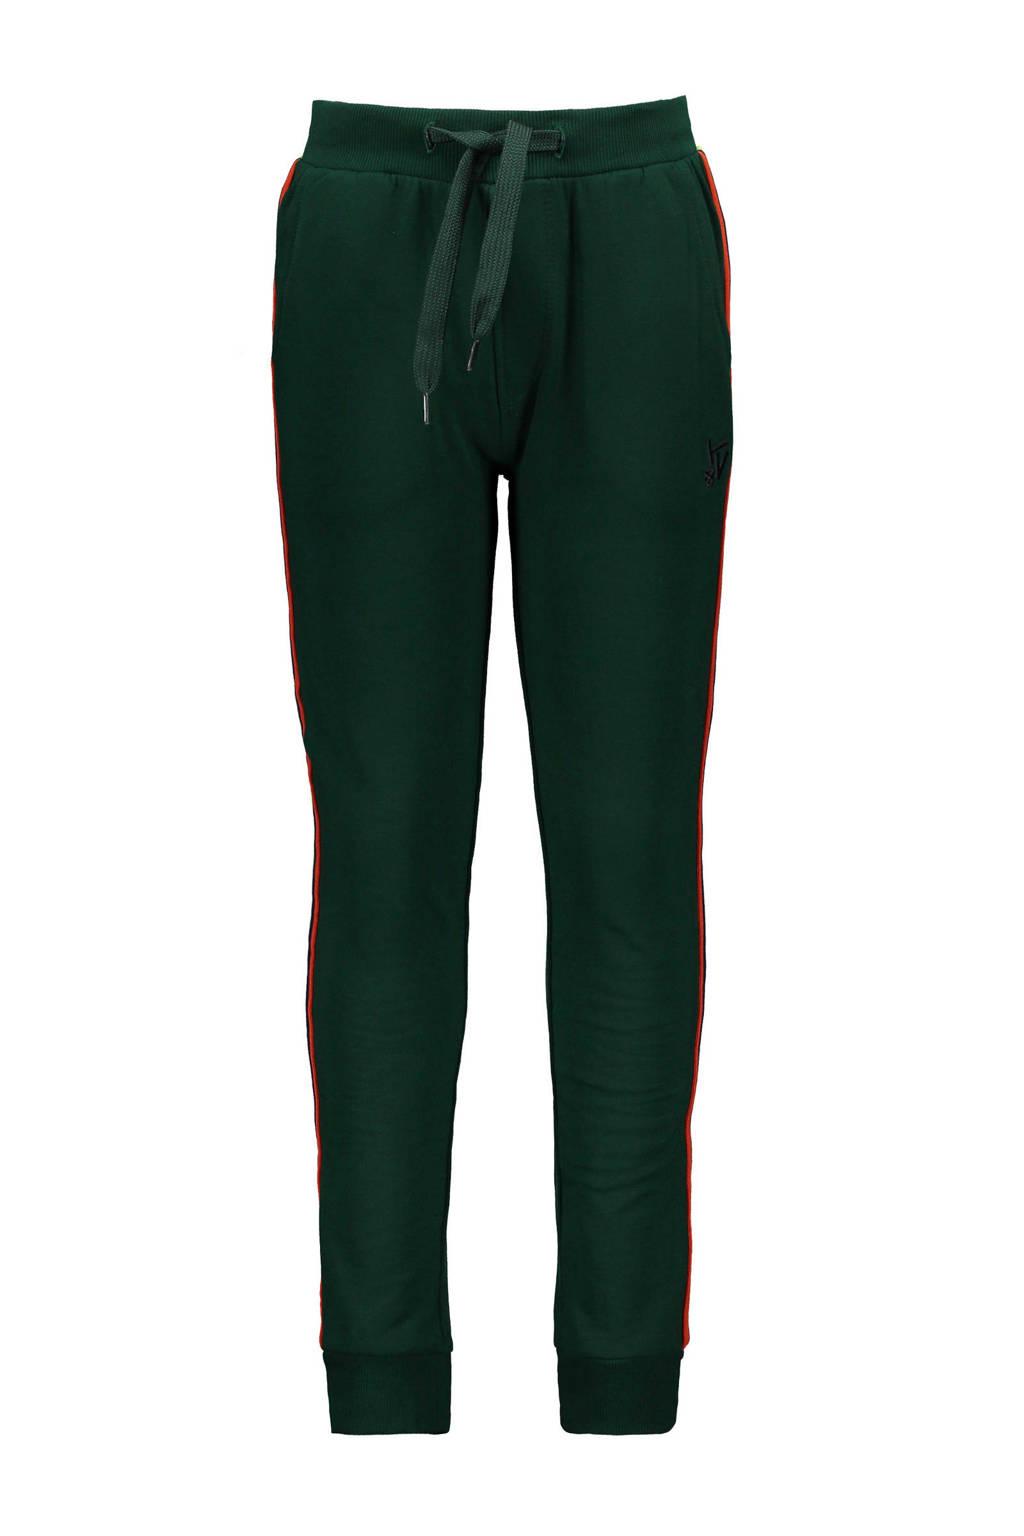 TYGO & vito slim fit joggingbroek met zijstreep donkergroen/rood/neon groen, Donkergroen/rood/neon groen